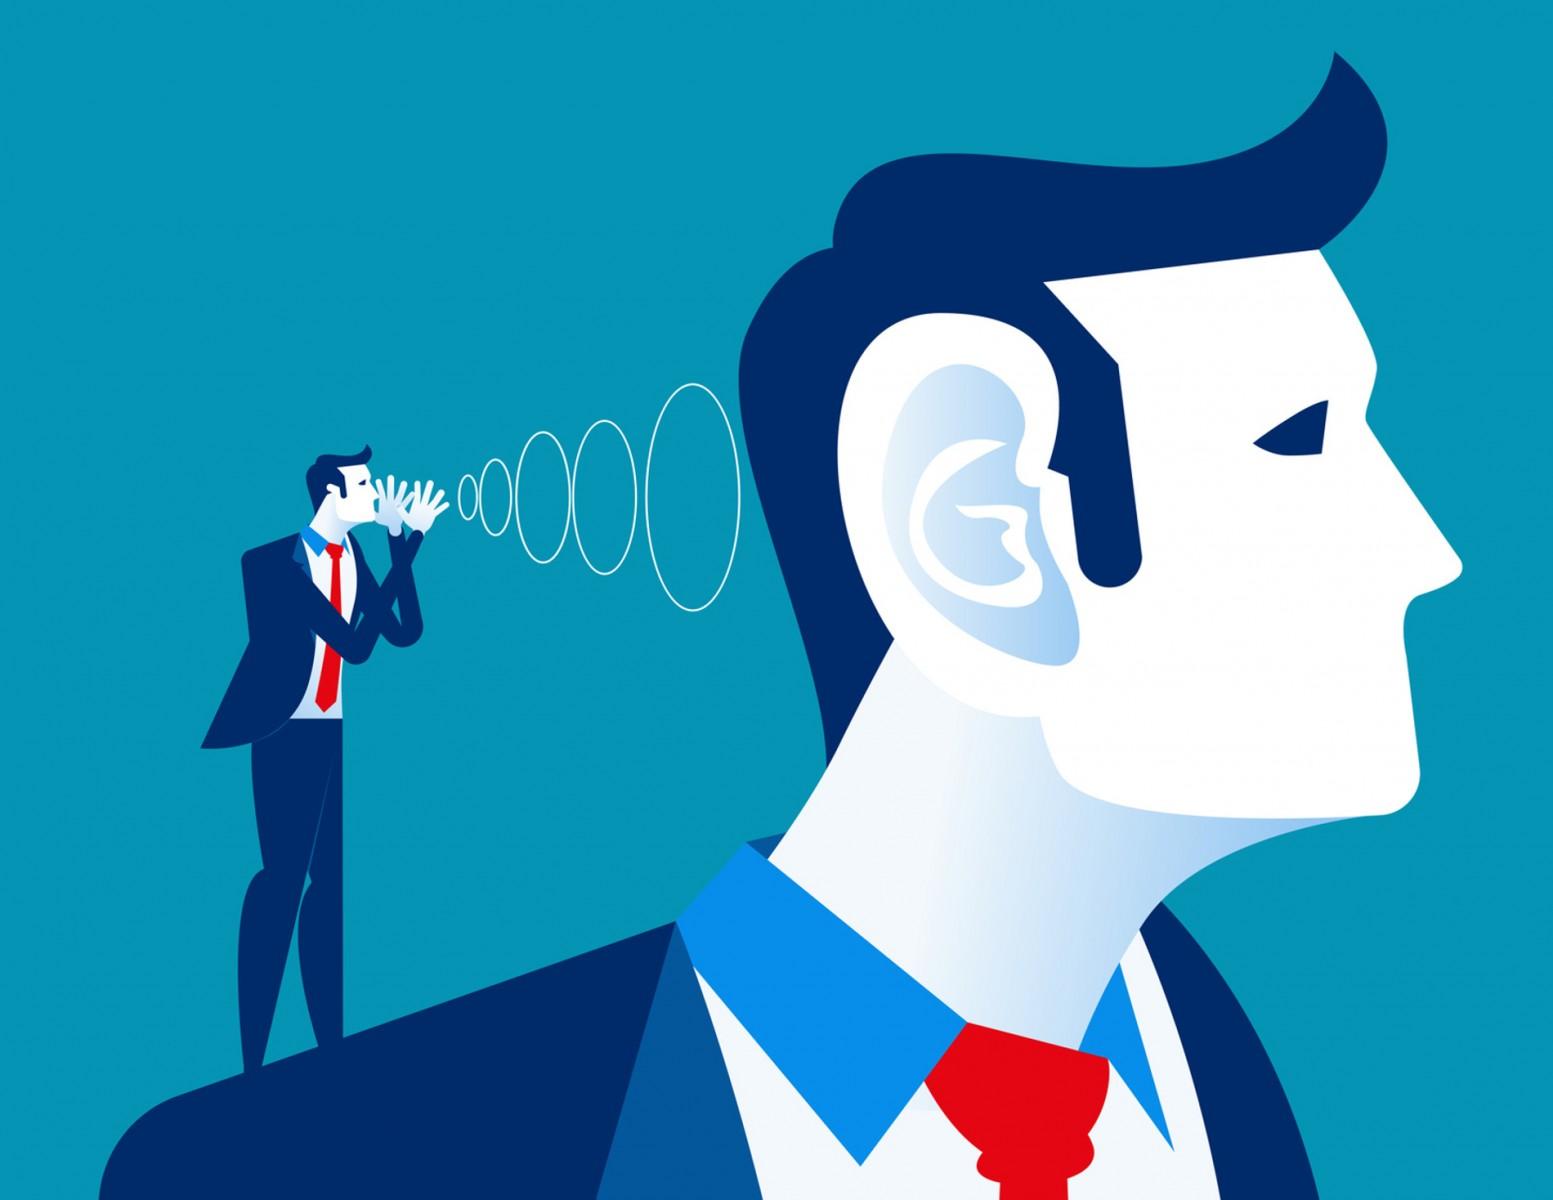 Słuchasz na zewnątrz, a czy słuchasz głosu z wewnątrz?